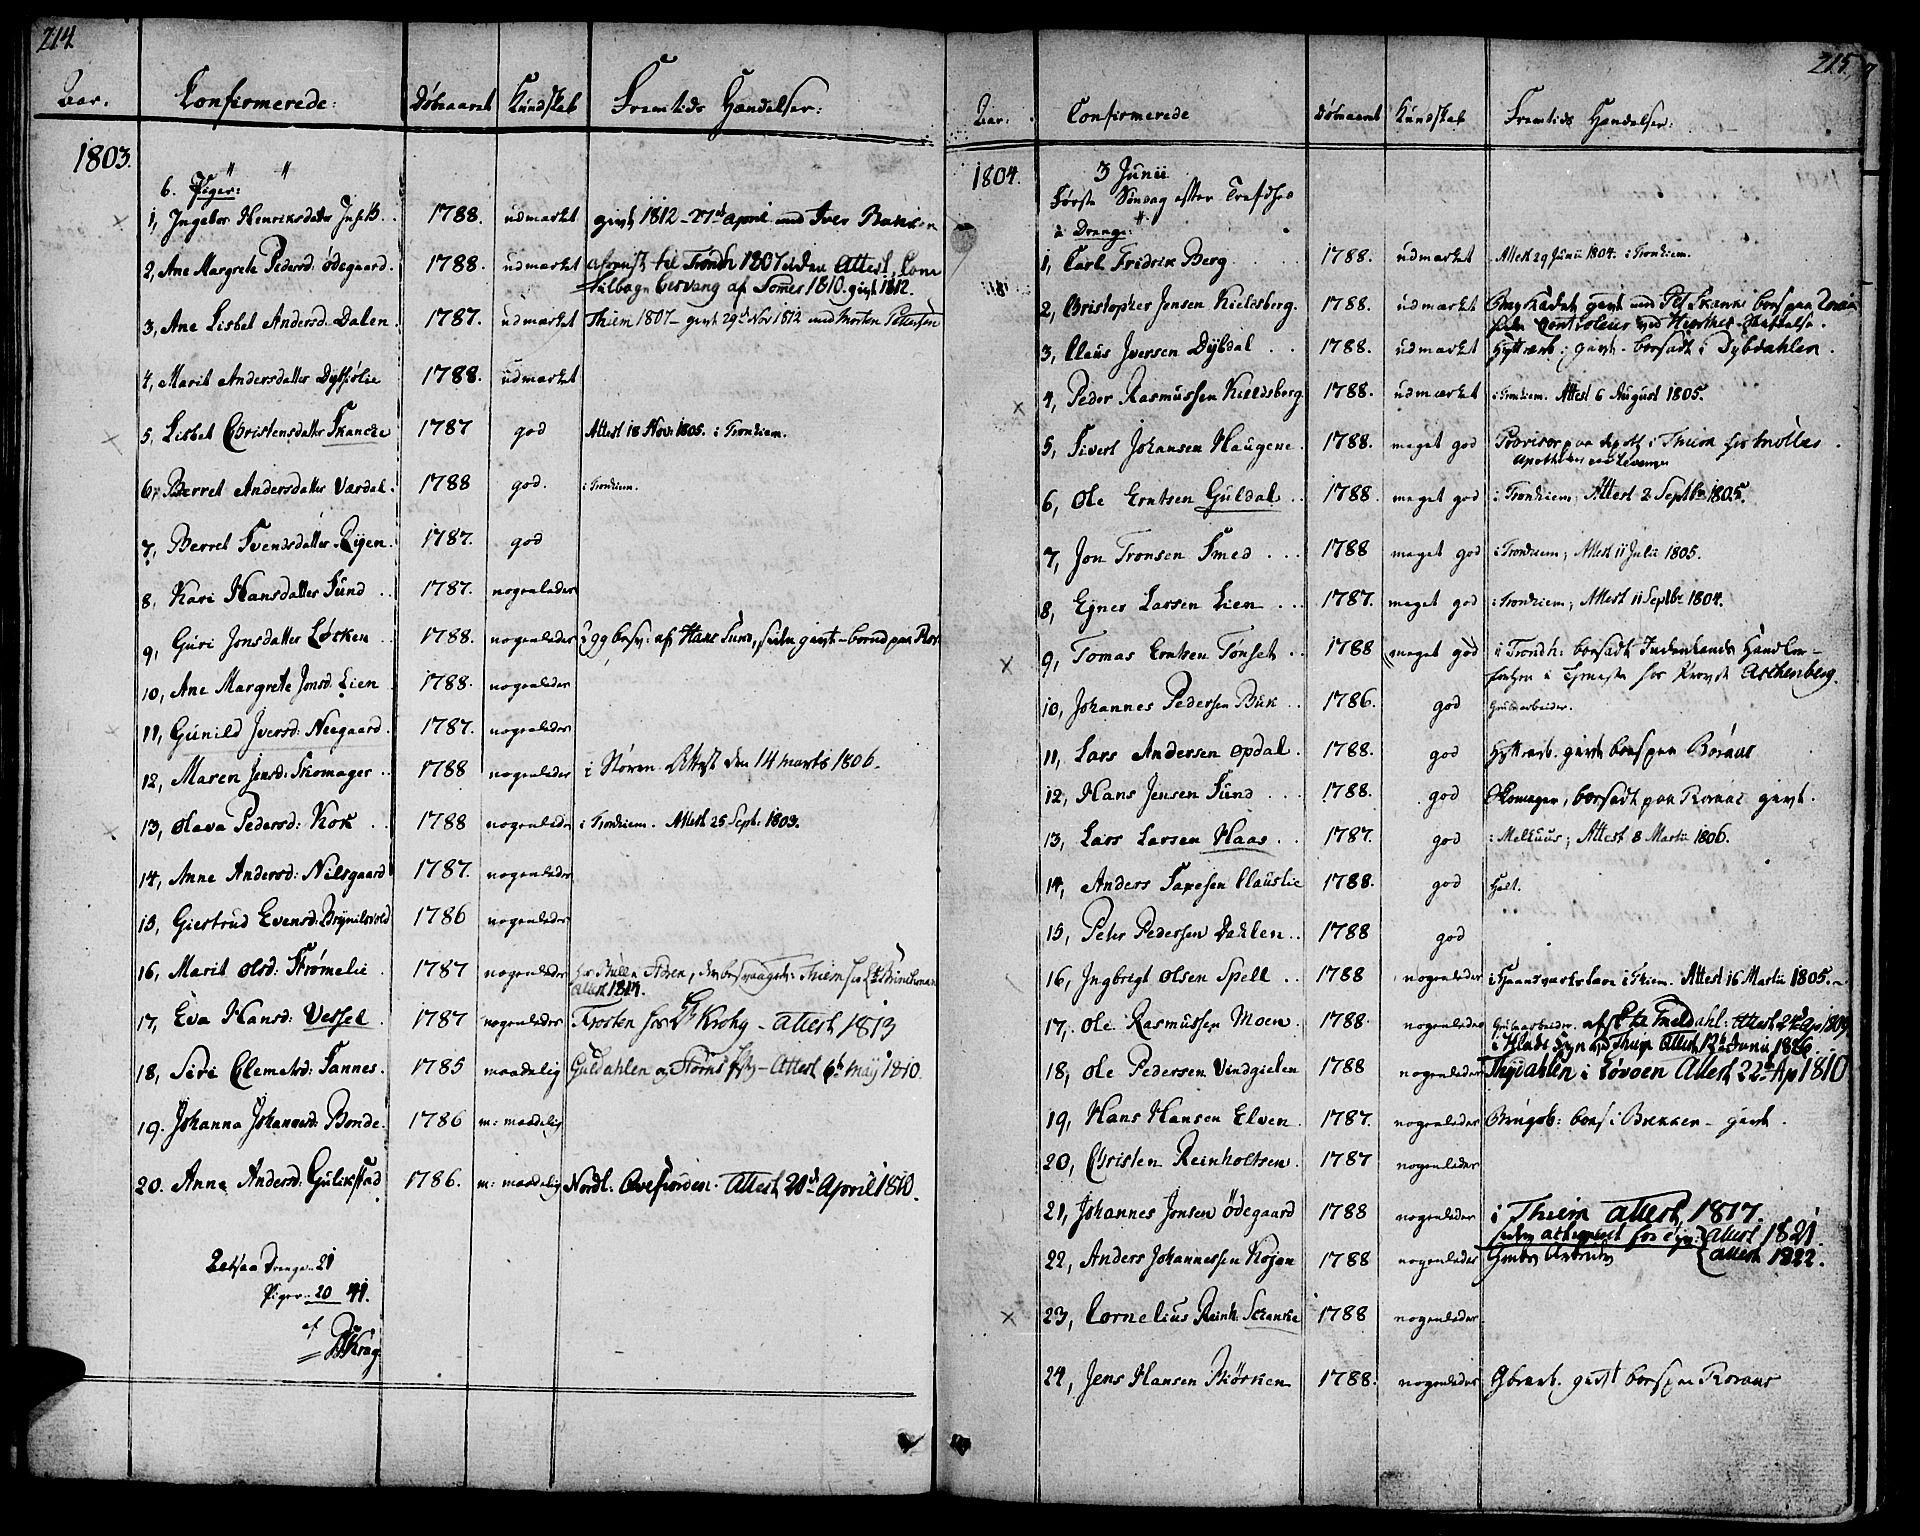 SAT, Ministerialprotokoller, klokkerbøker og fødselsregistre - Sør-Trøndelag, 681/L0927: Ministerialbok nr. 681A05, 1798-1808, s. 214-215